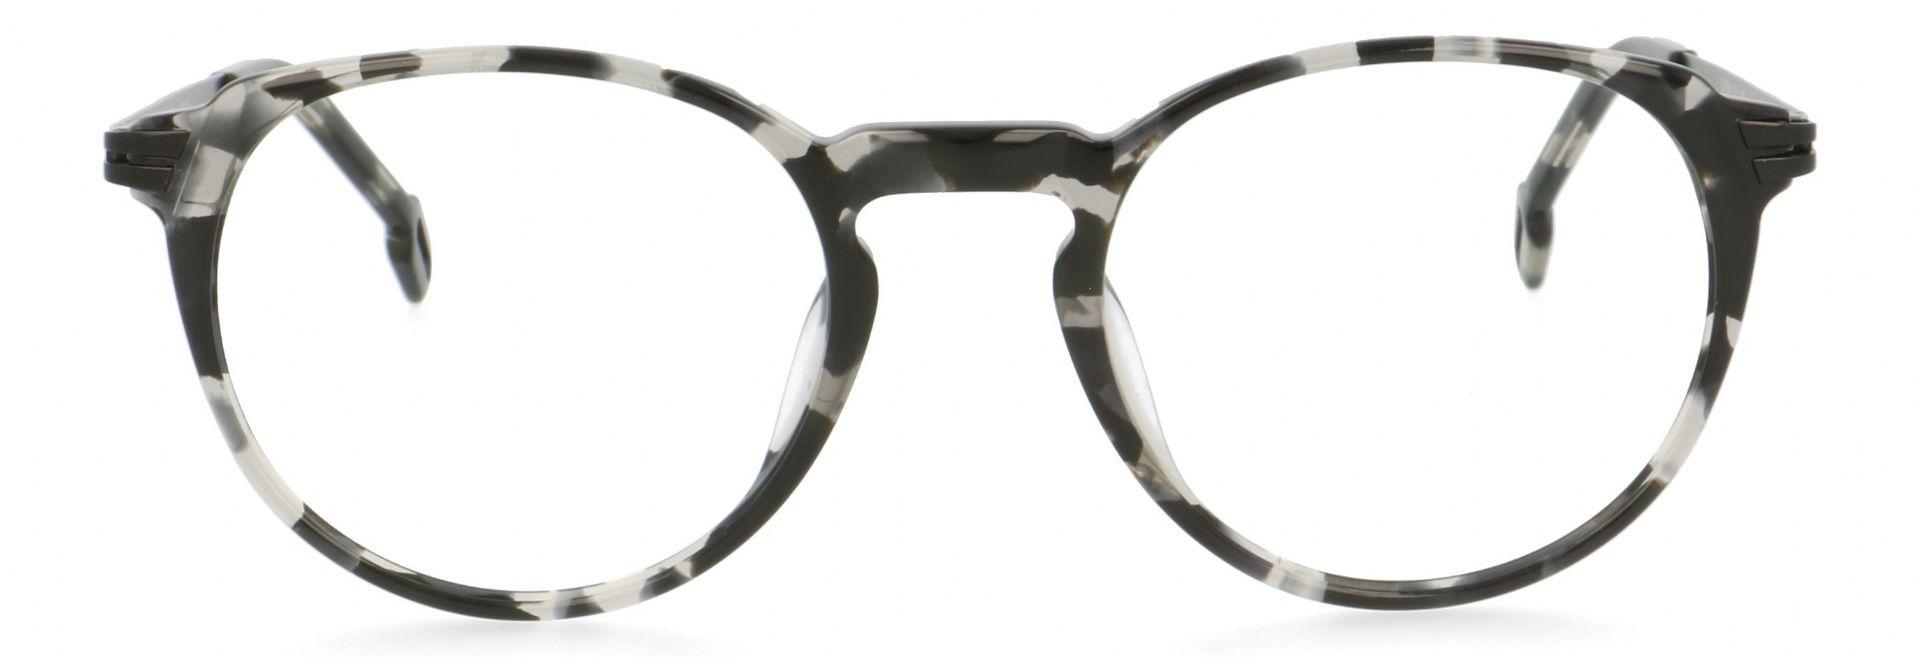 Glassman C122 // Odette Lunettes